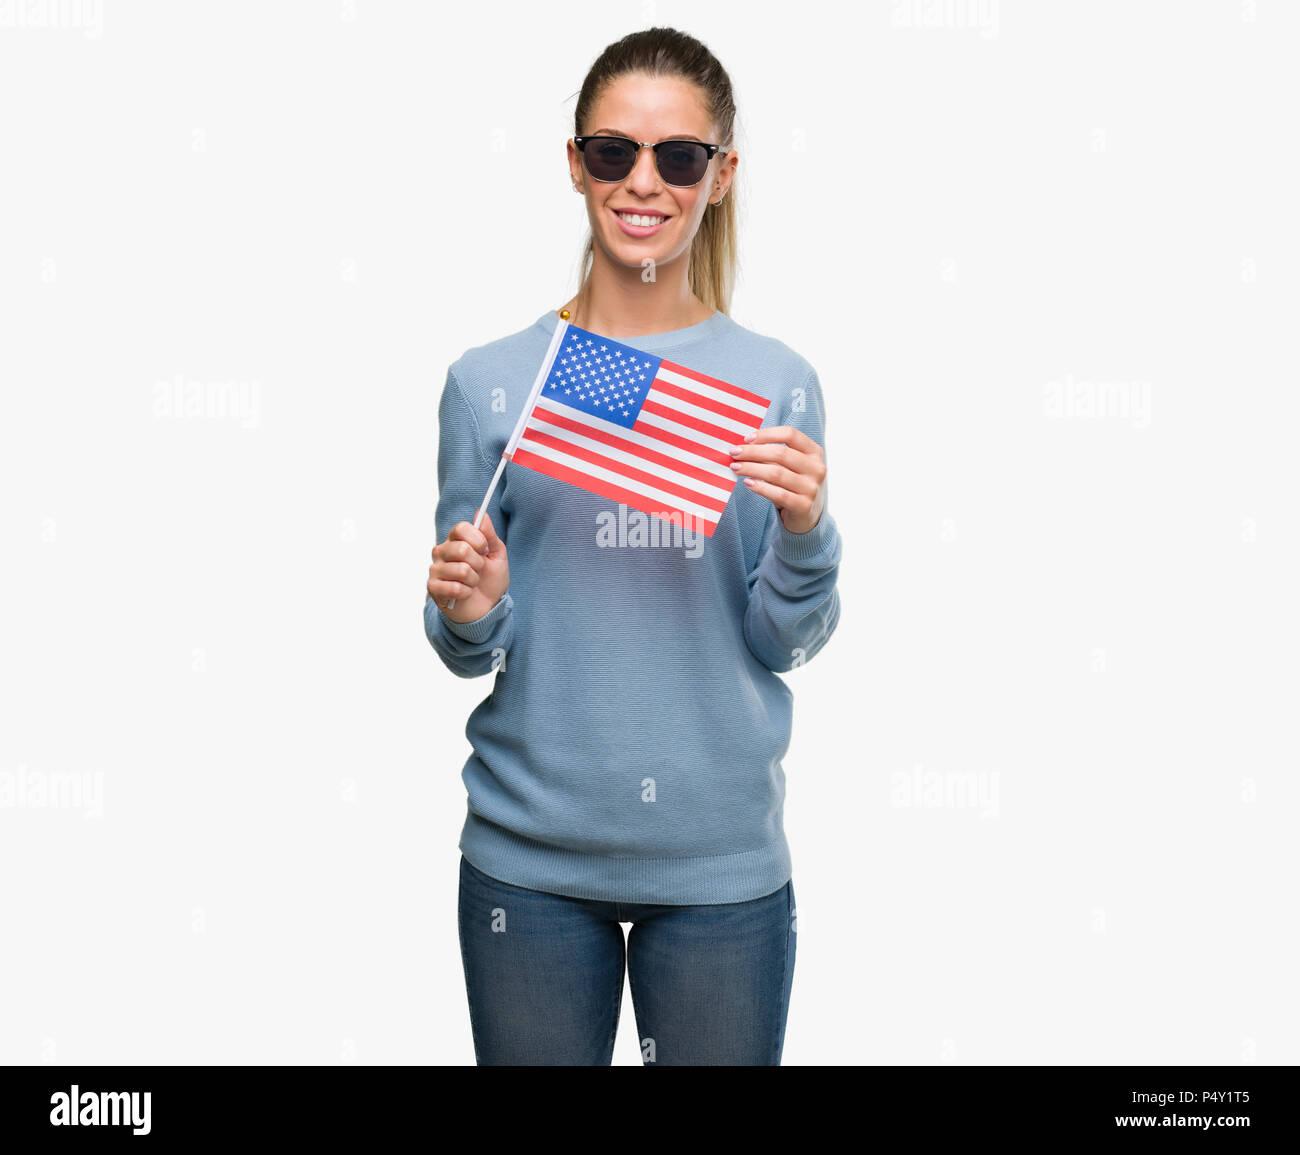 Schöne junge Frau mit USA-Flagge mit einem glücklichen Gesicht stehen und lächelnd mit einem selbstbewussten lächeln zähne Stockbild